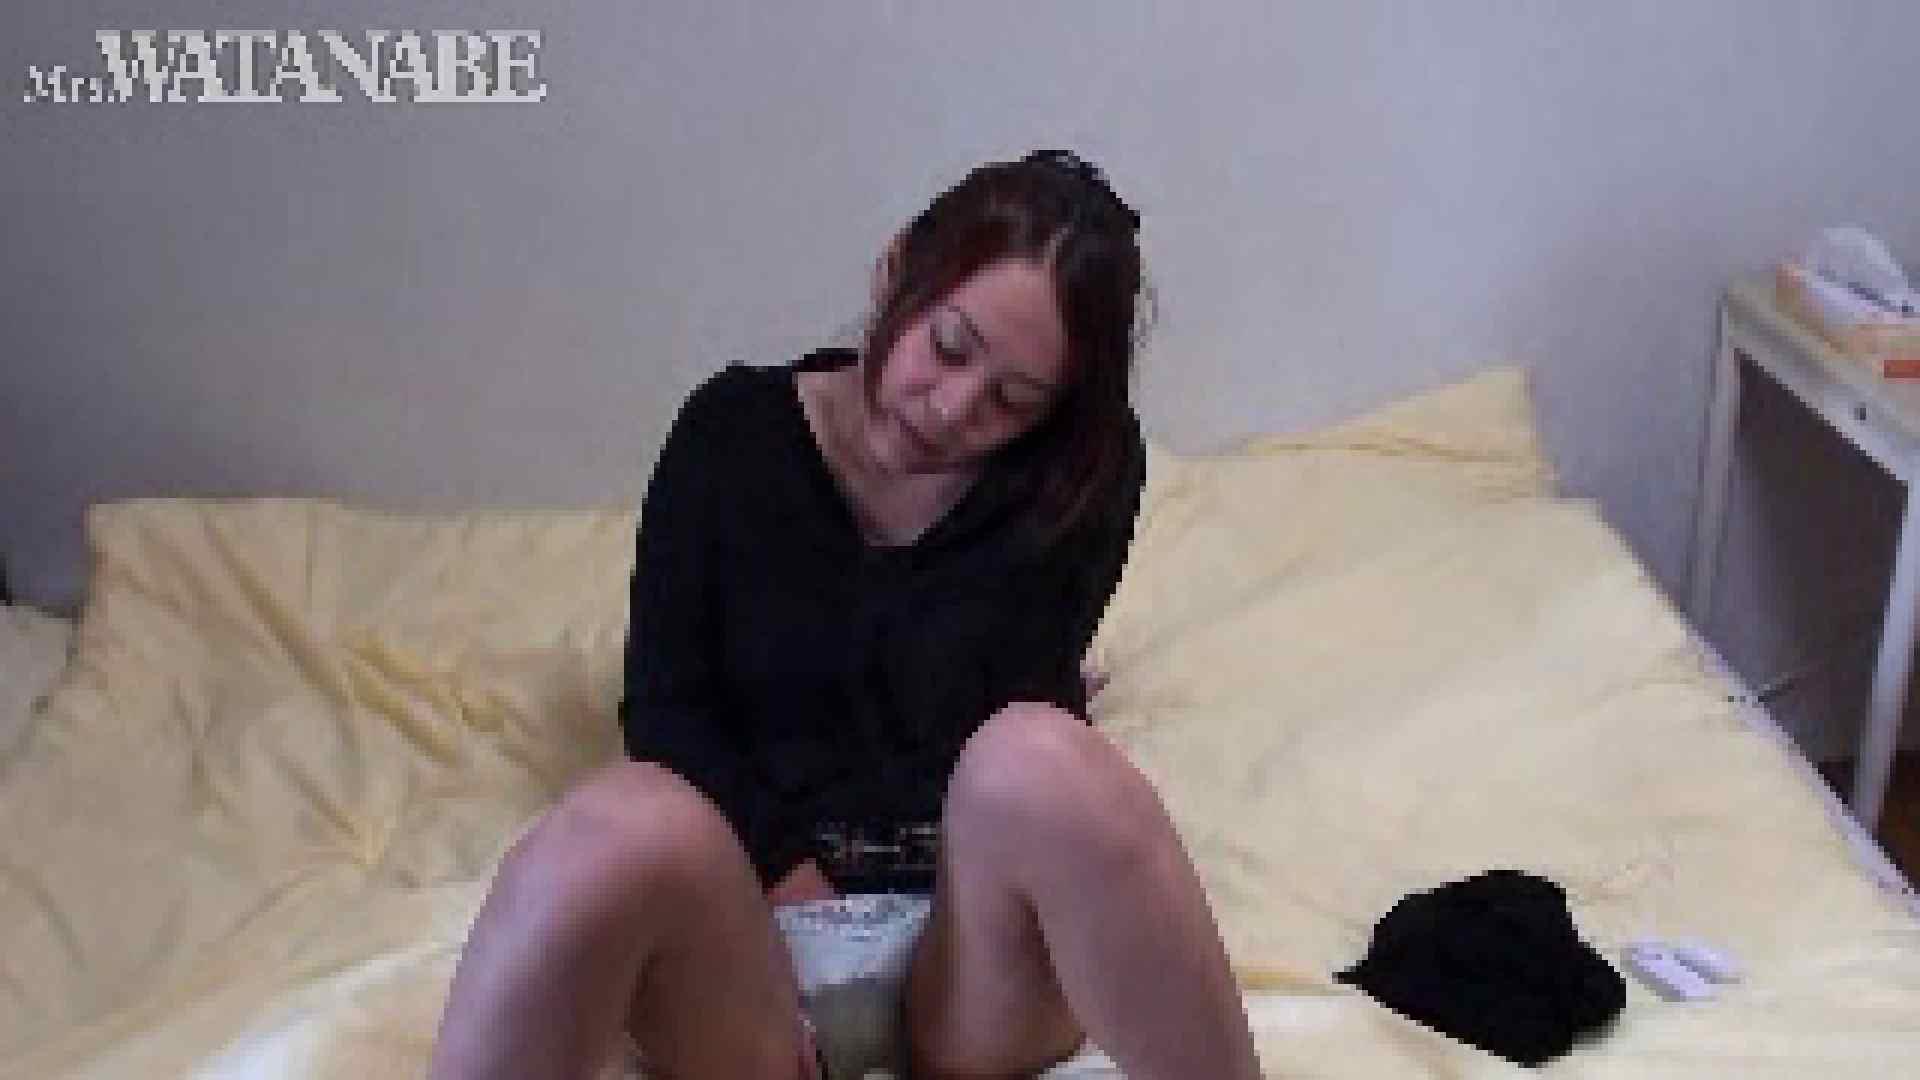 SNSで出会った人妻をハメ撮りしちゃいます 2回目 前編 投稿 | 人妻エロ映像  105pic 88